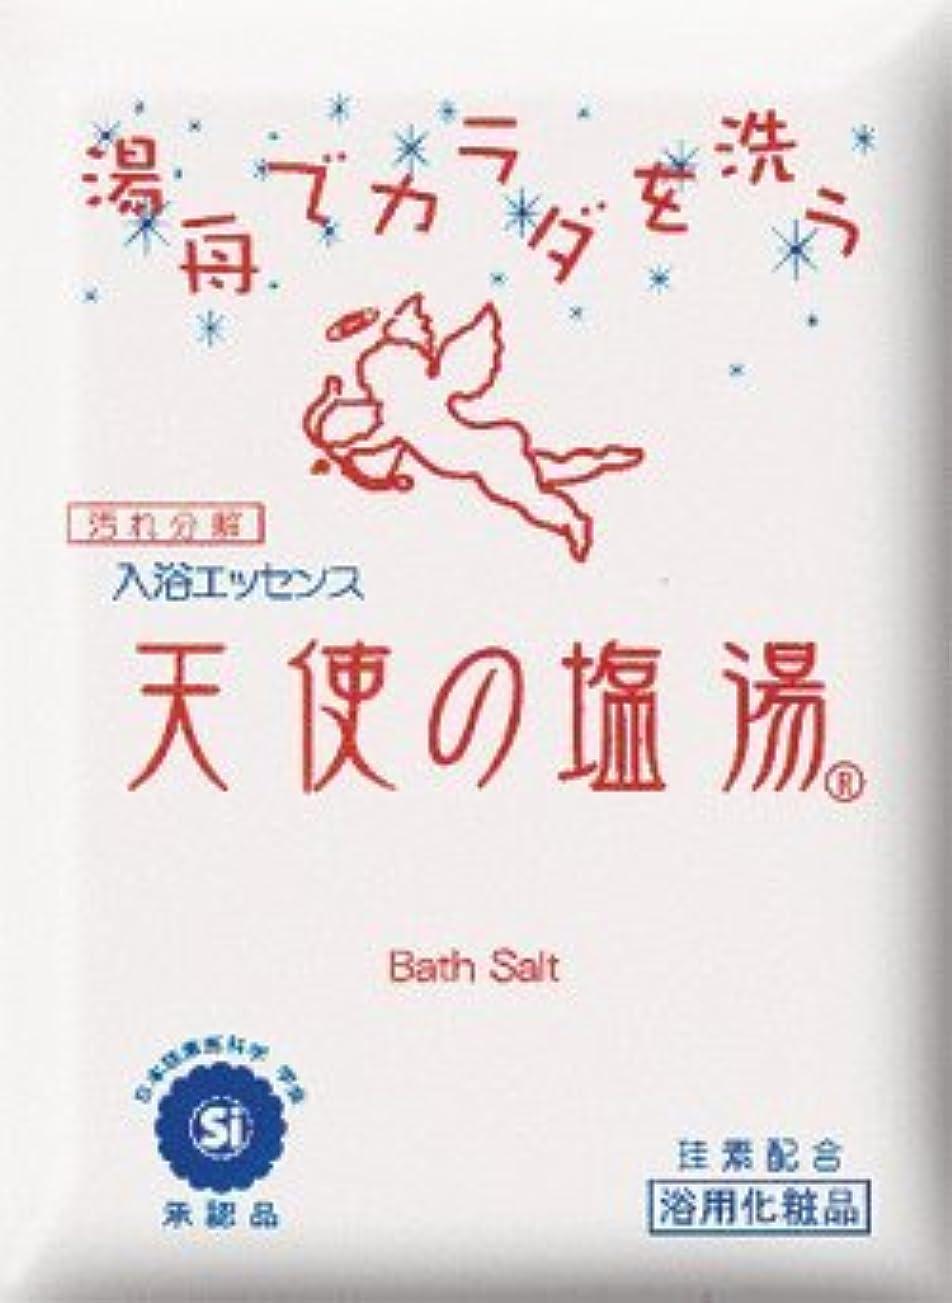 風変わりな精神エンジン天使の塩湯 (70g×20袋) ※浴槽でカラダを洗う!入浴エッセンス!